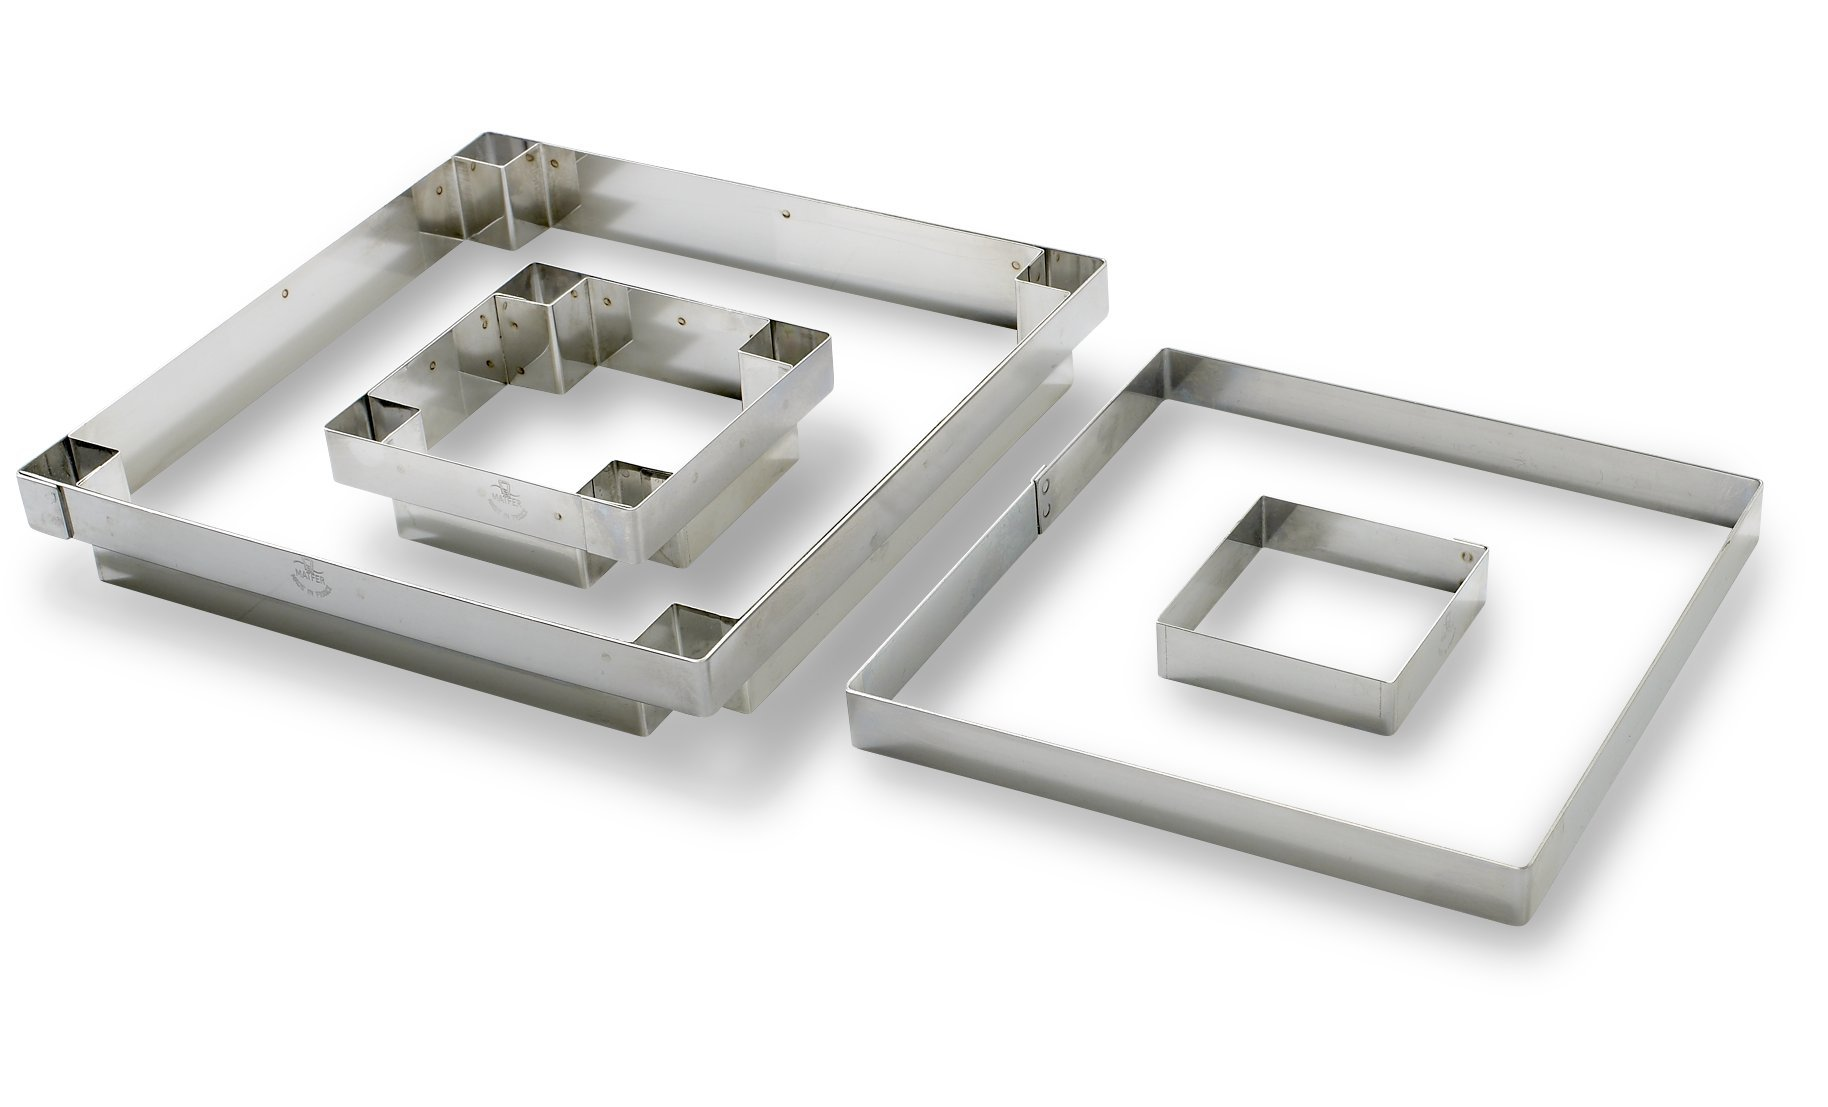 Matfer 371123 Square Tart Mold, Stainless Steel